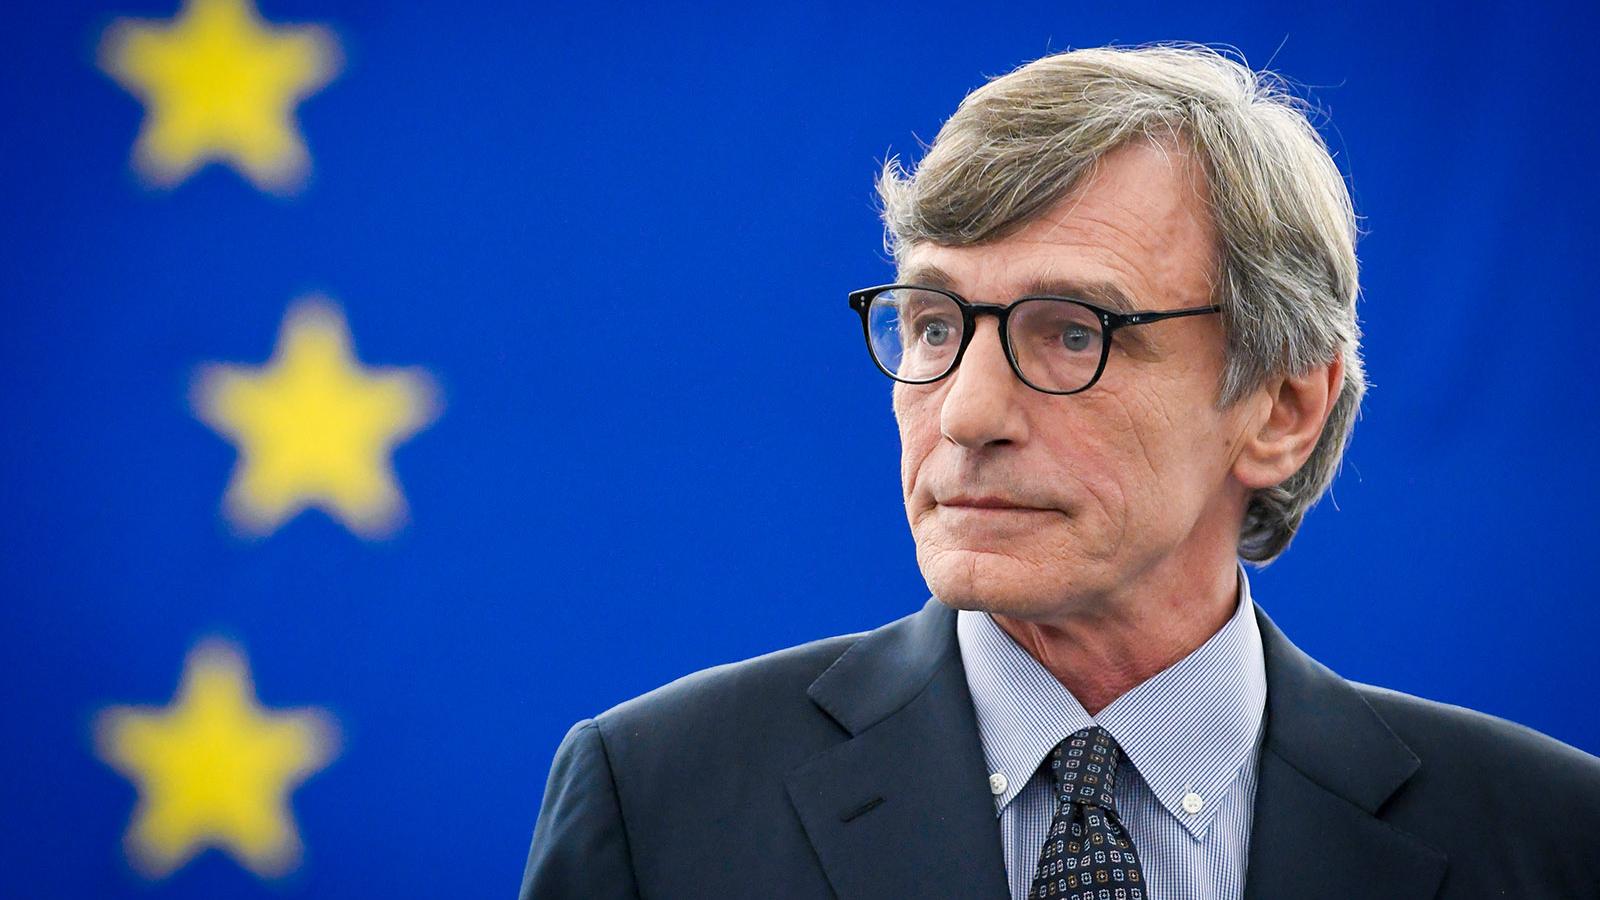 رئيس البرلمان الأوروبي محبط بعد زيارته لندن